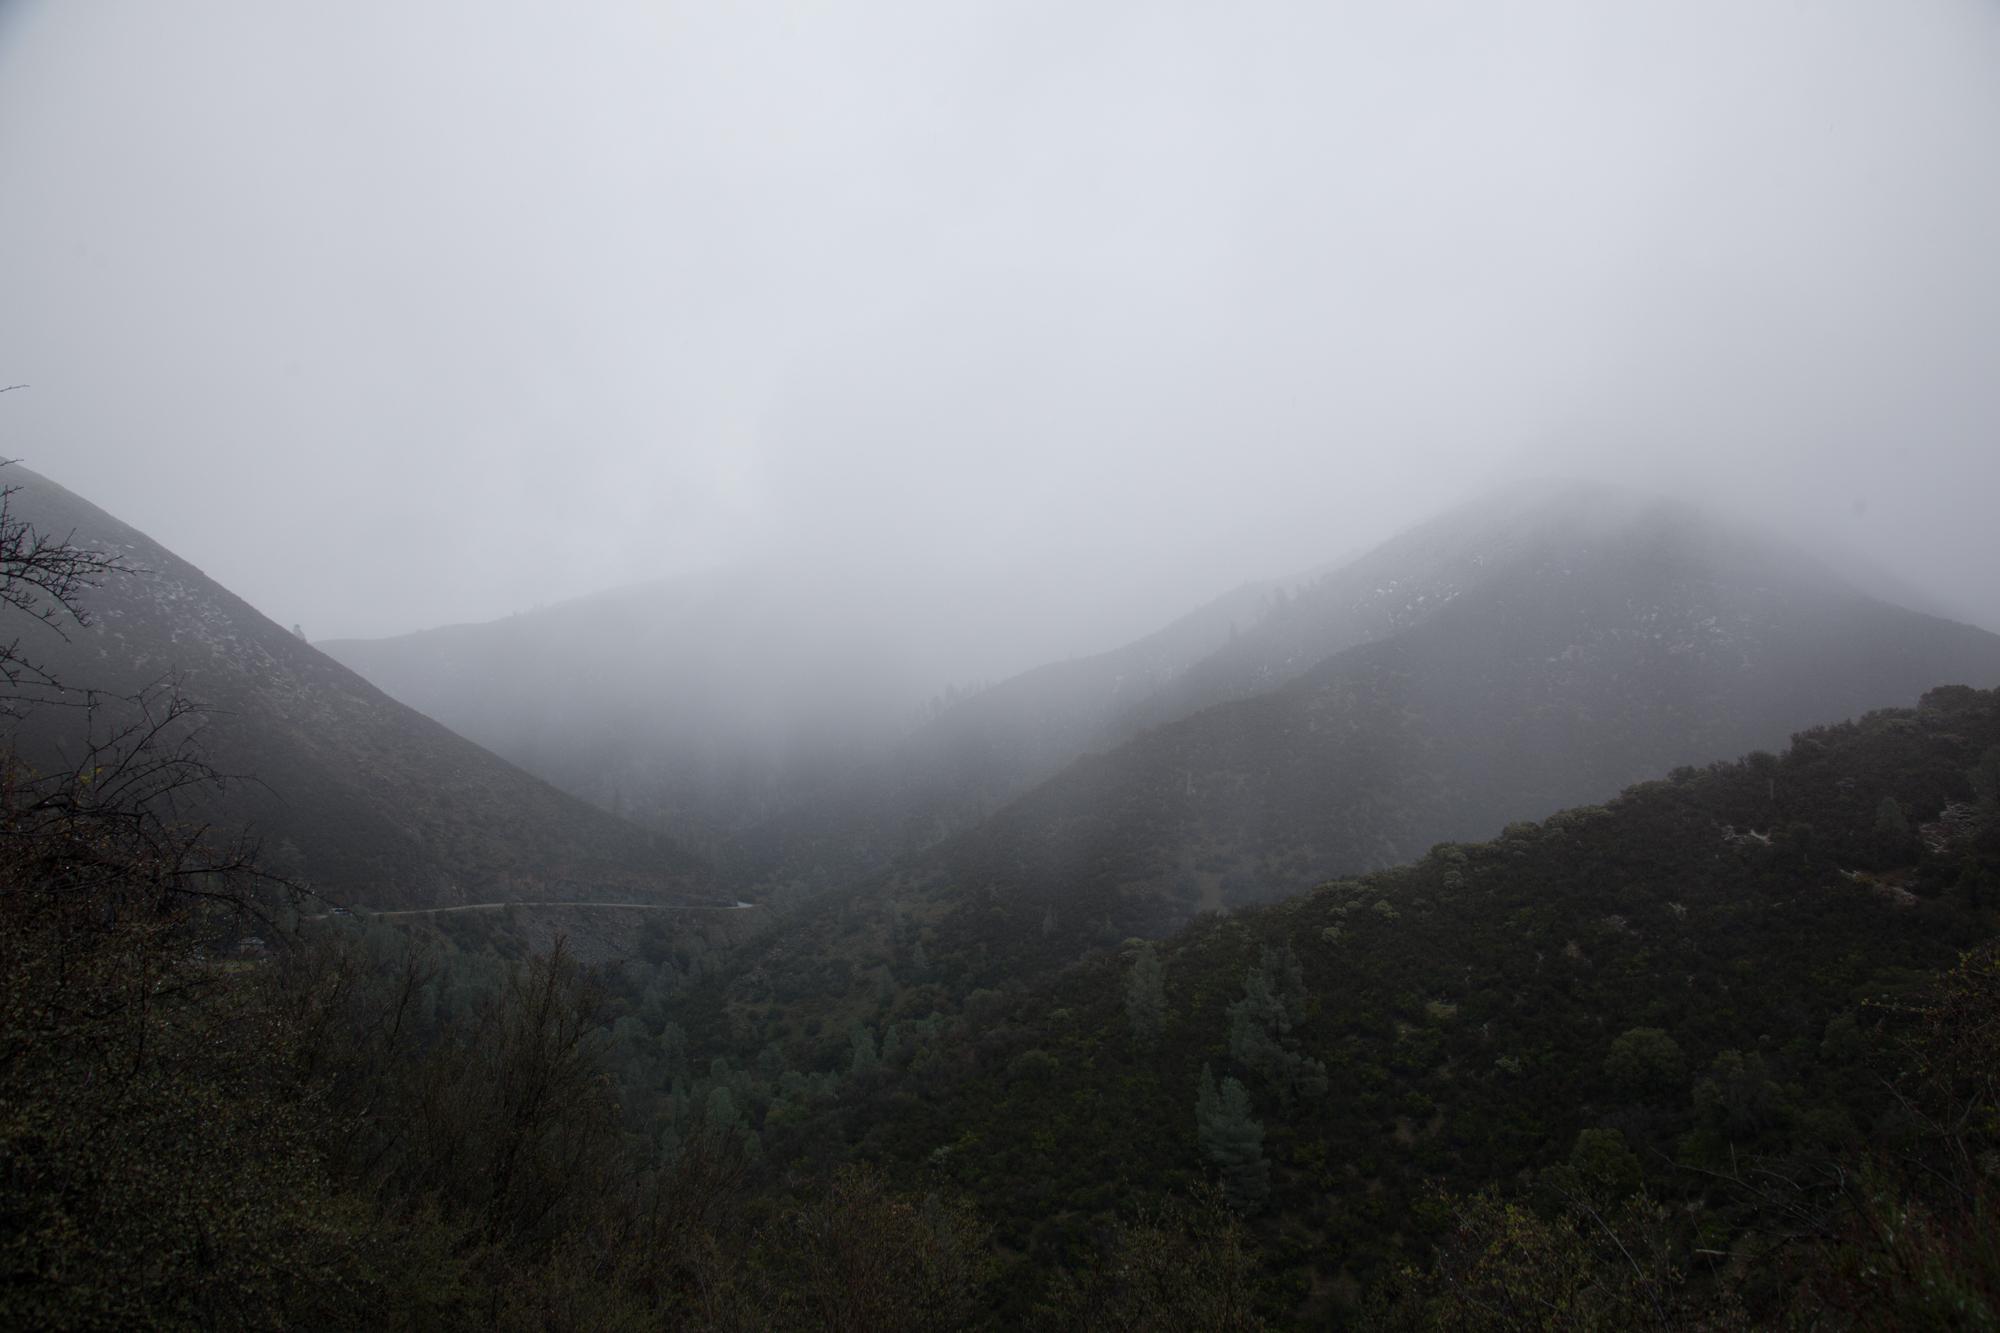 2019-02 Yosemite-14.jpg